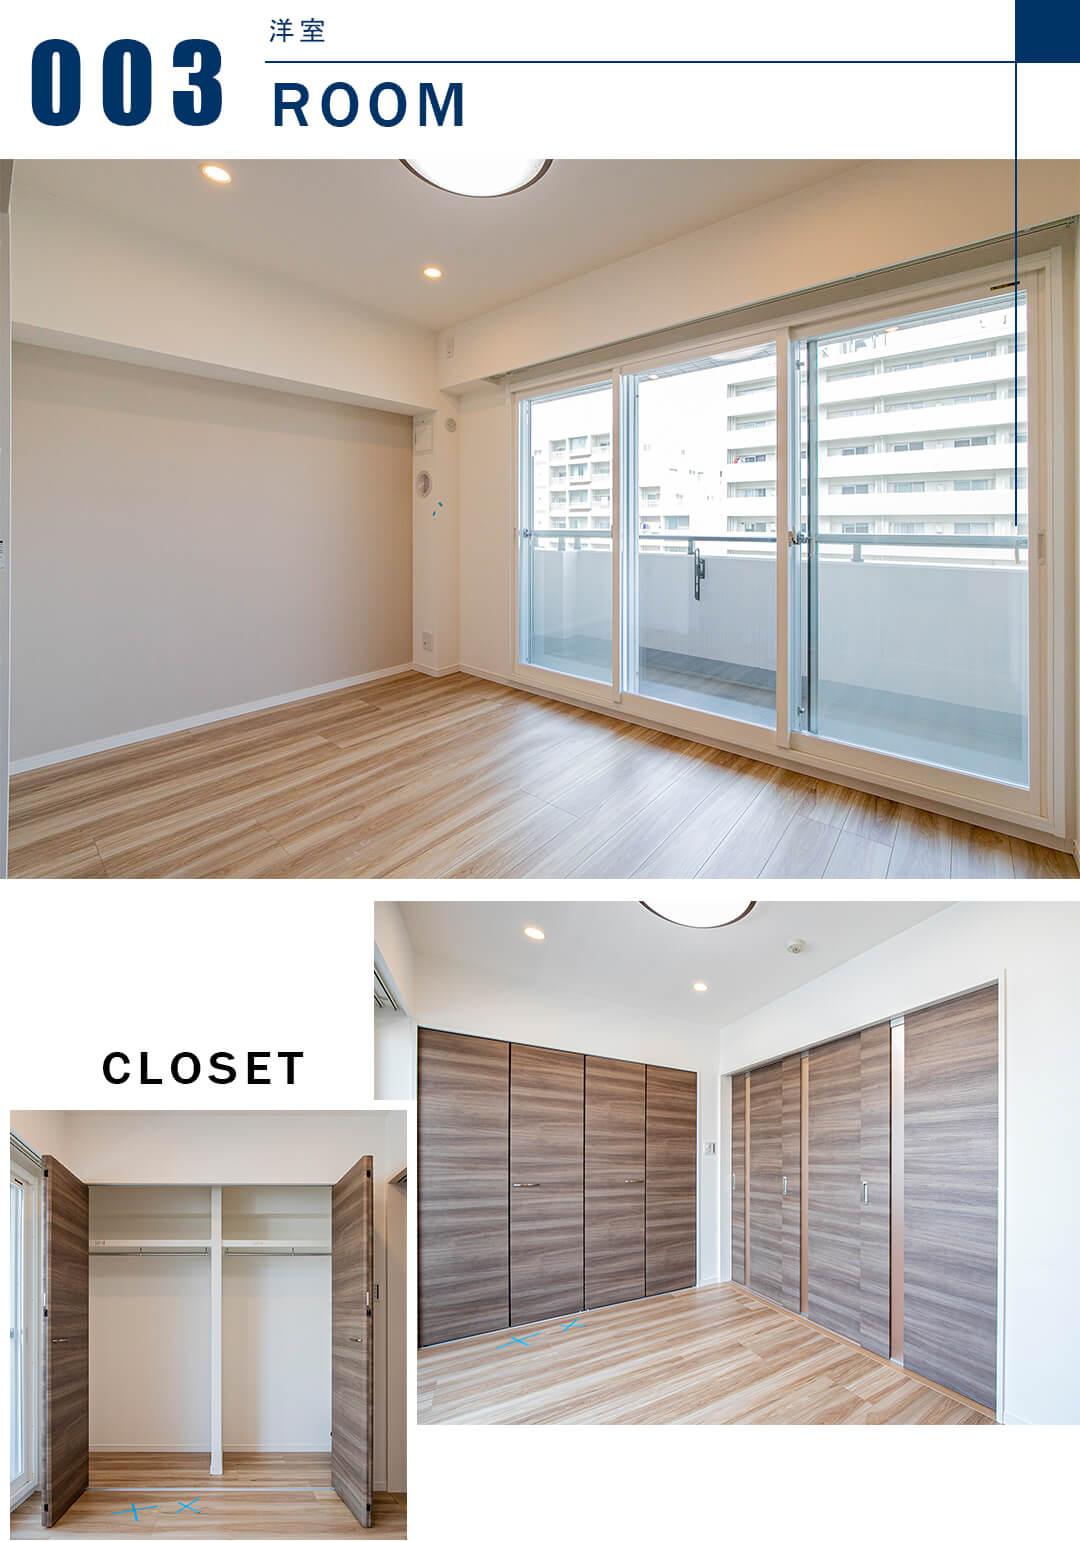 レジェンド西早稲田フォレストタワーの洋室